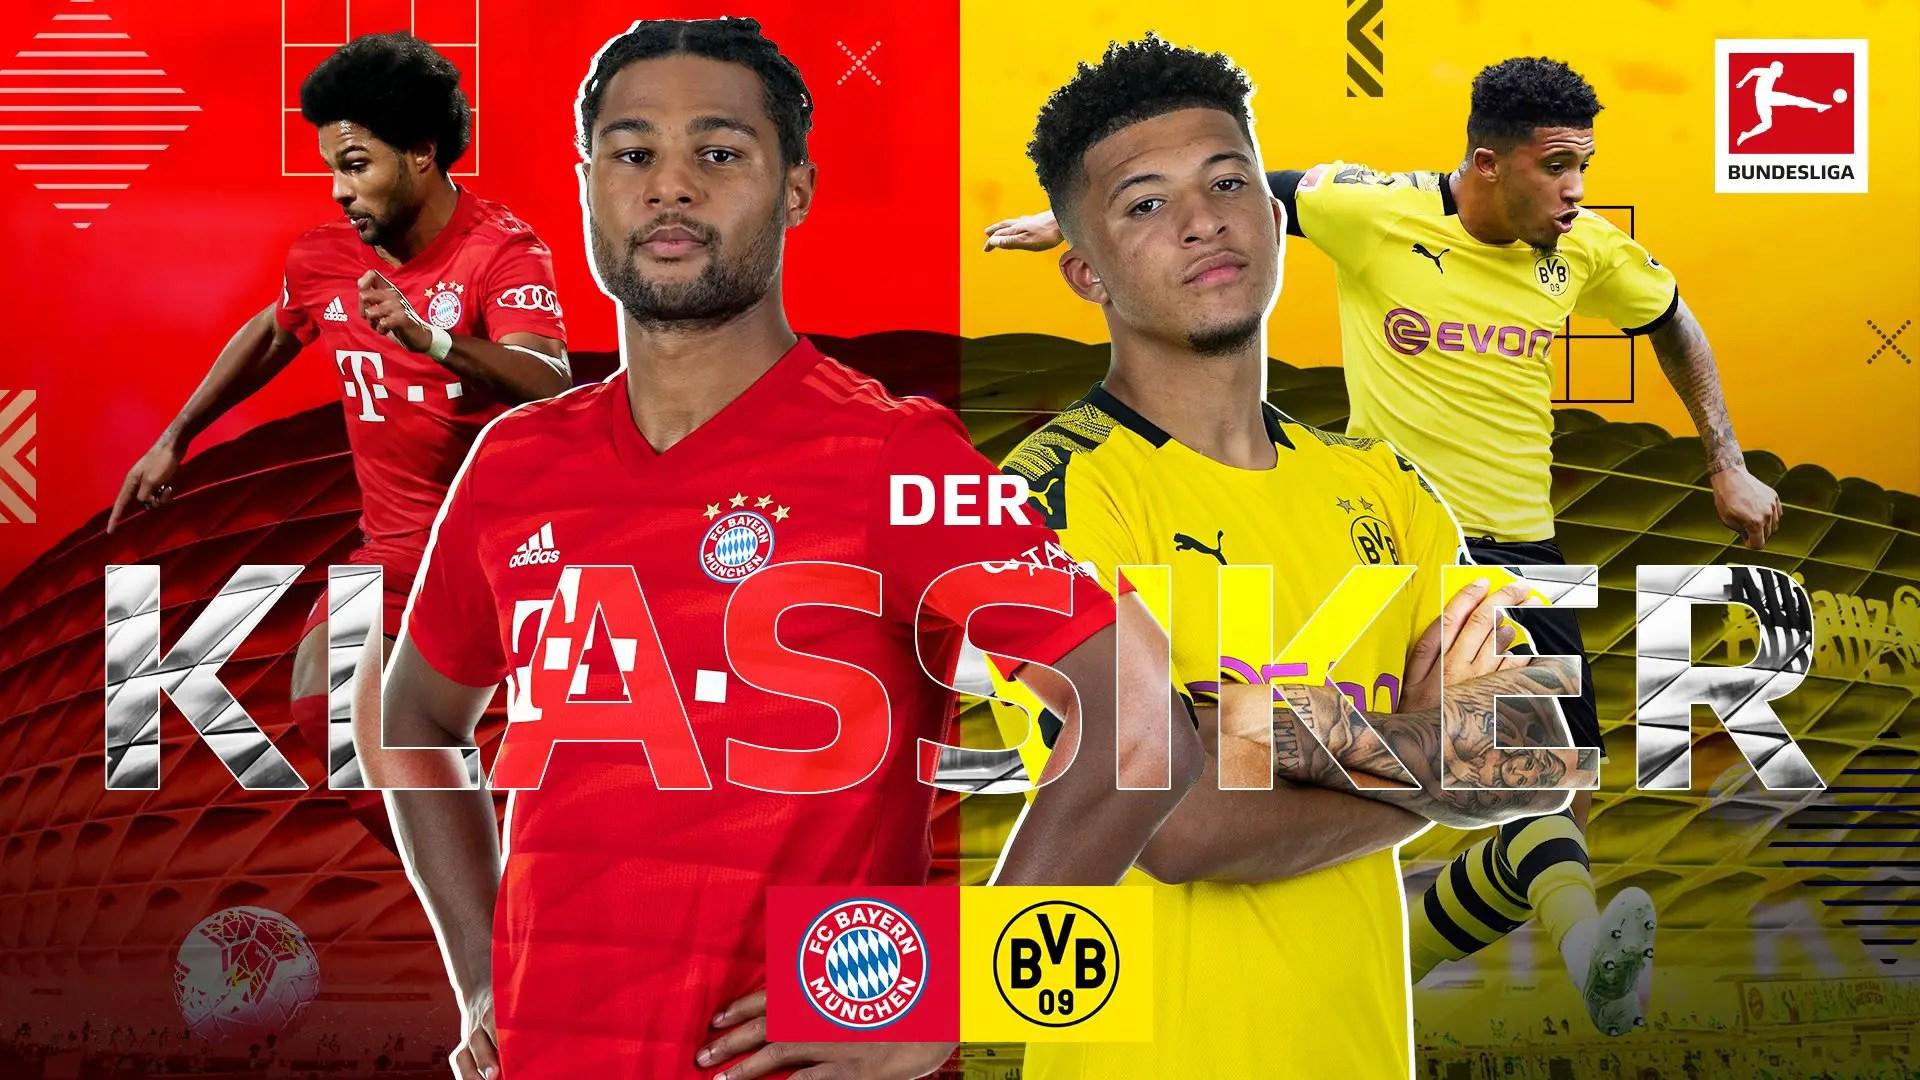 Bundesliga Fever Worldwide!: From Bayern – Dortmund 'Der Klassiker' To 'Fan Parties'